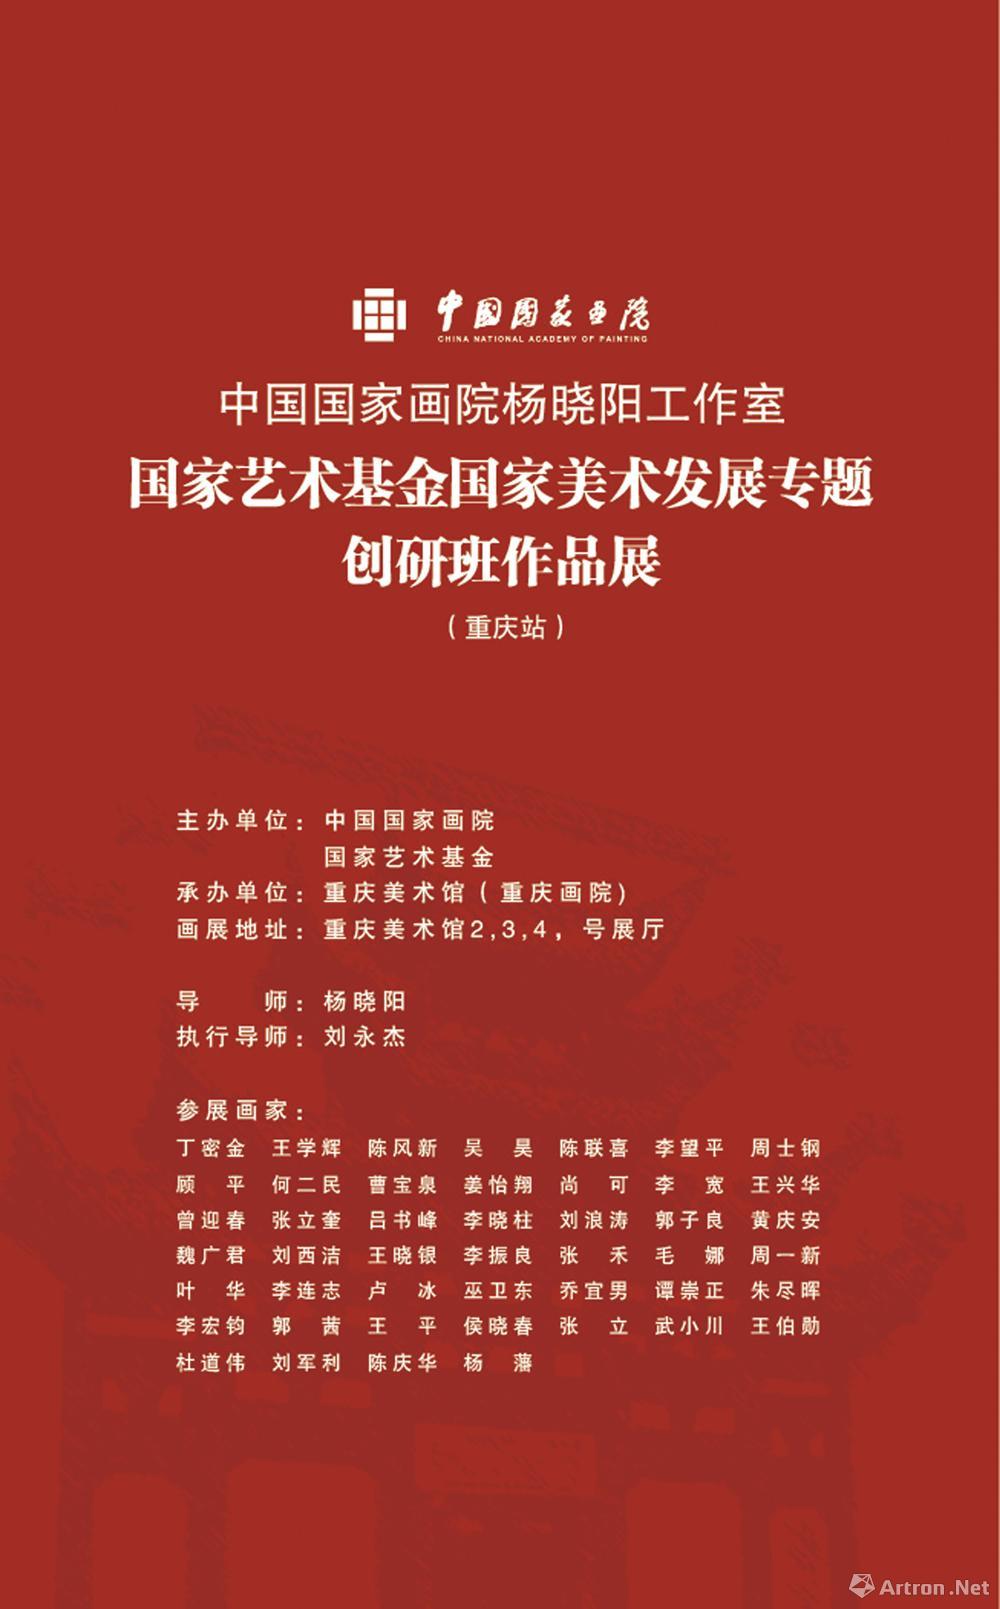 中国国家画院杨晓阳工作室-国家艺术基金国家美术发展专题创研班作品展-重庆站